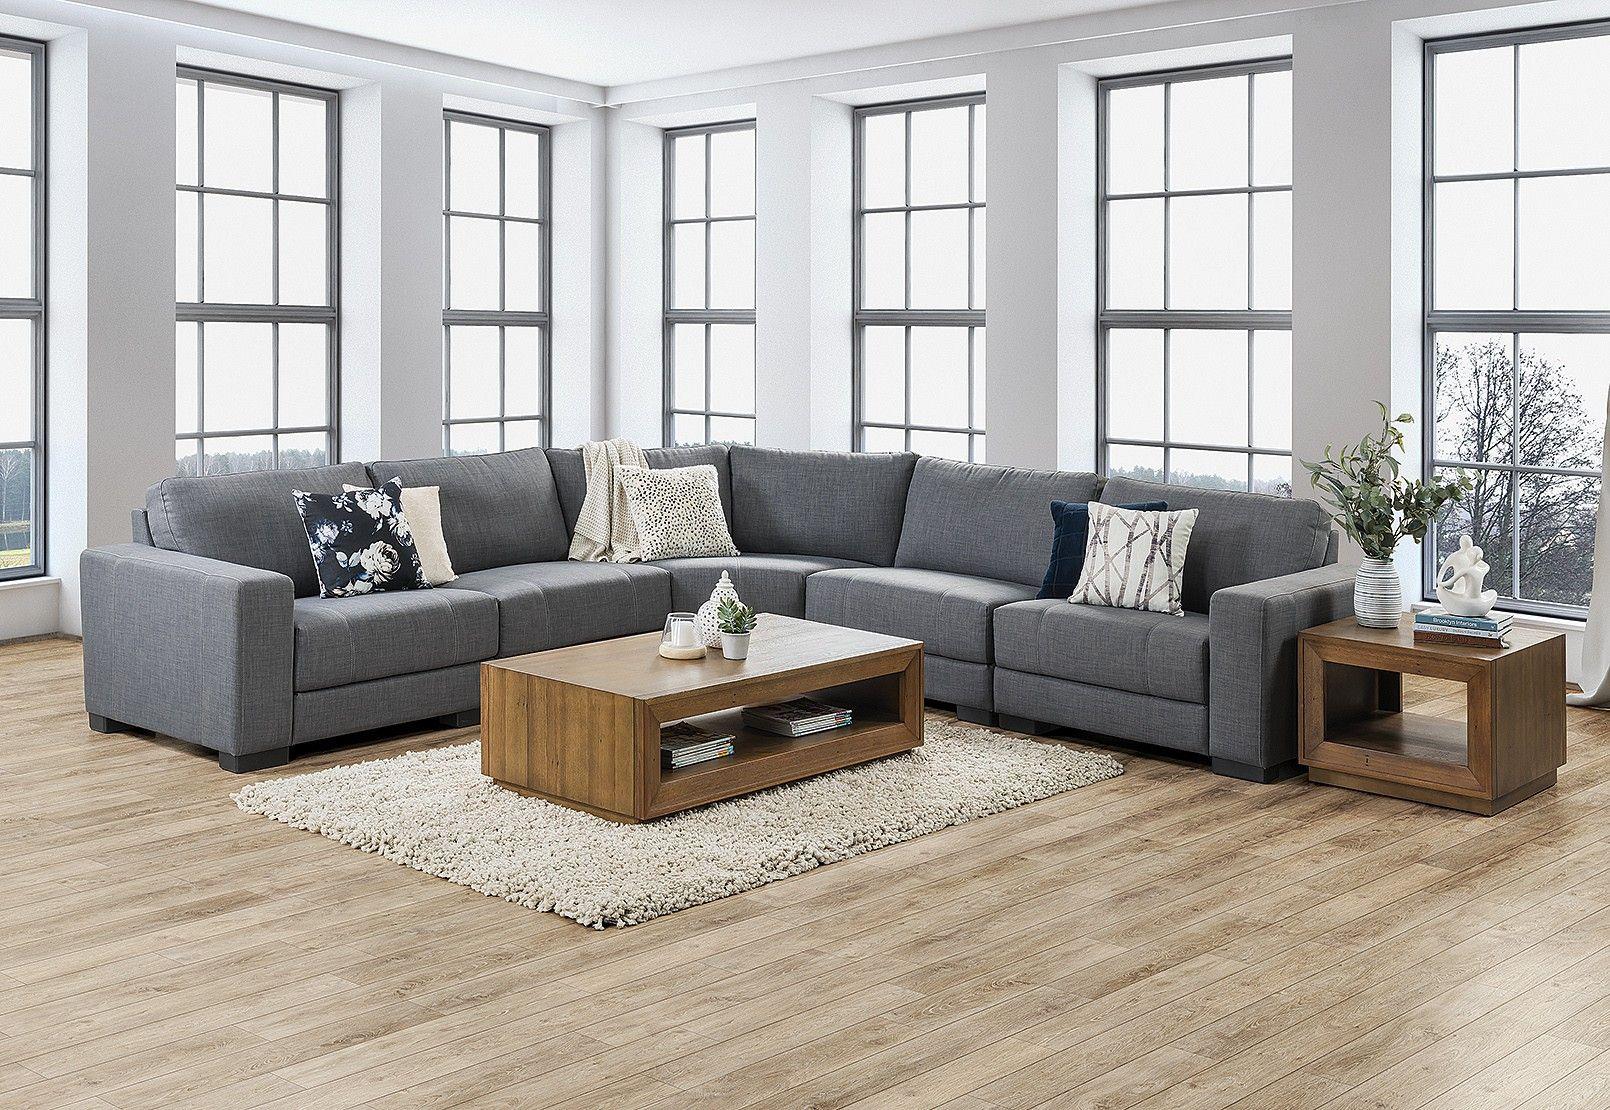 Omaha Fabric Corner Lounge Amart Furniture Furniture Lounge Seating